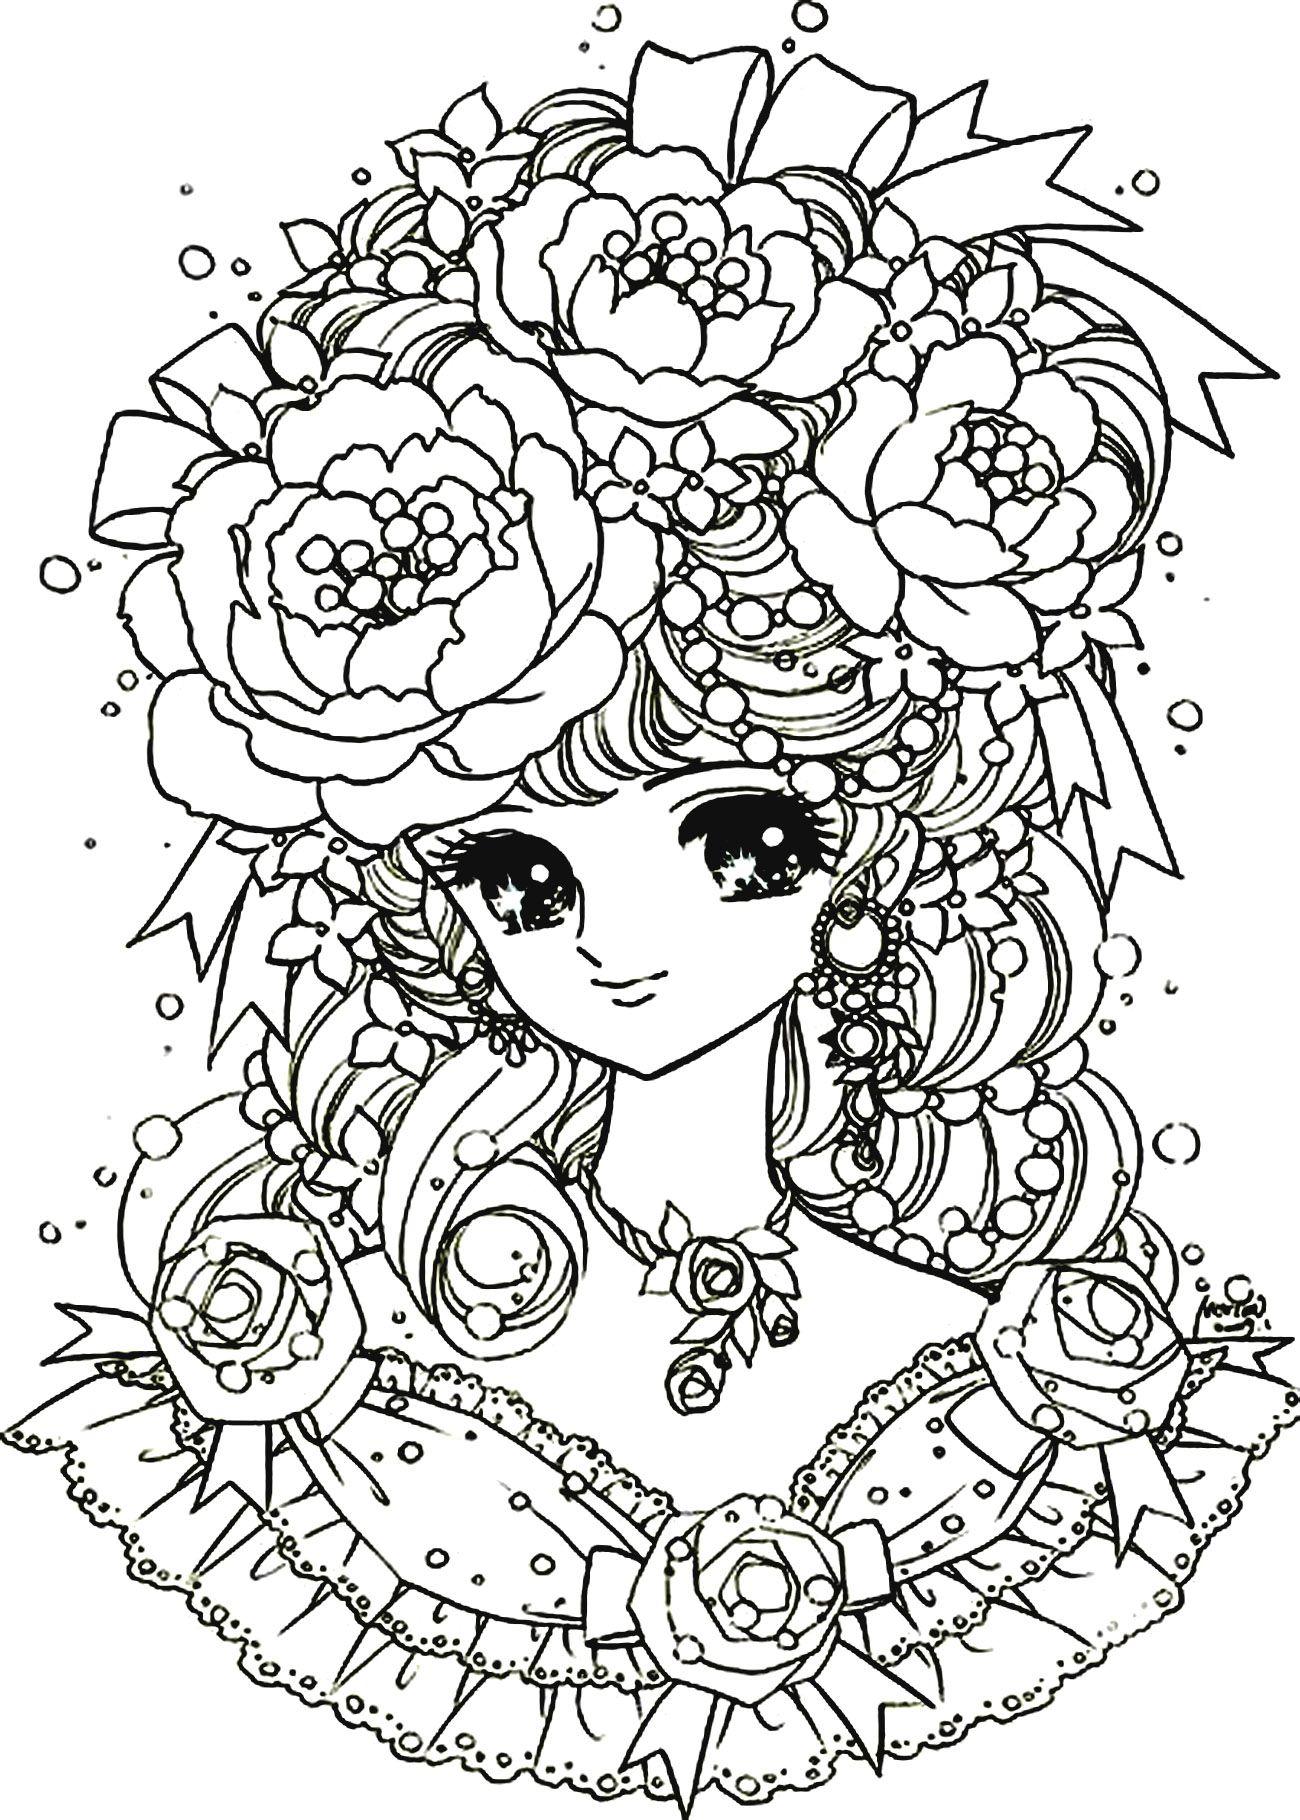 Pin de Unicorn Walmart en Drawings | Pinterest